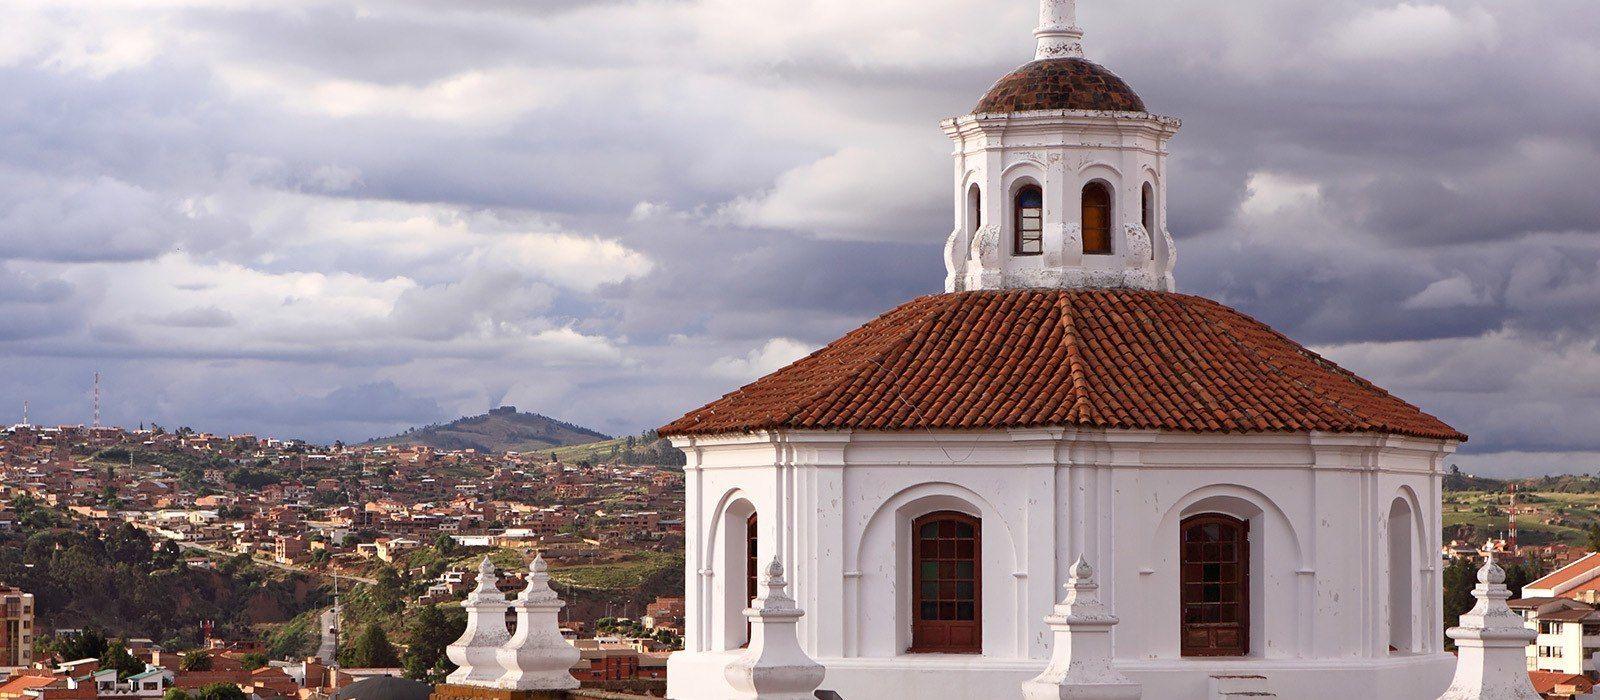 Reiseziel Sucre Bolivien